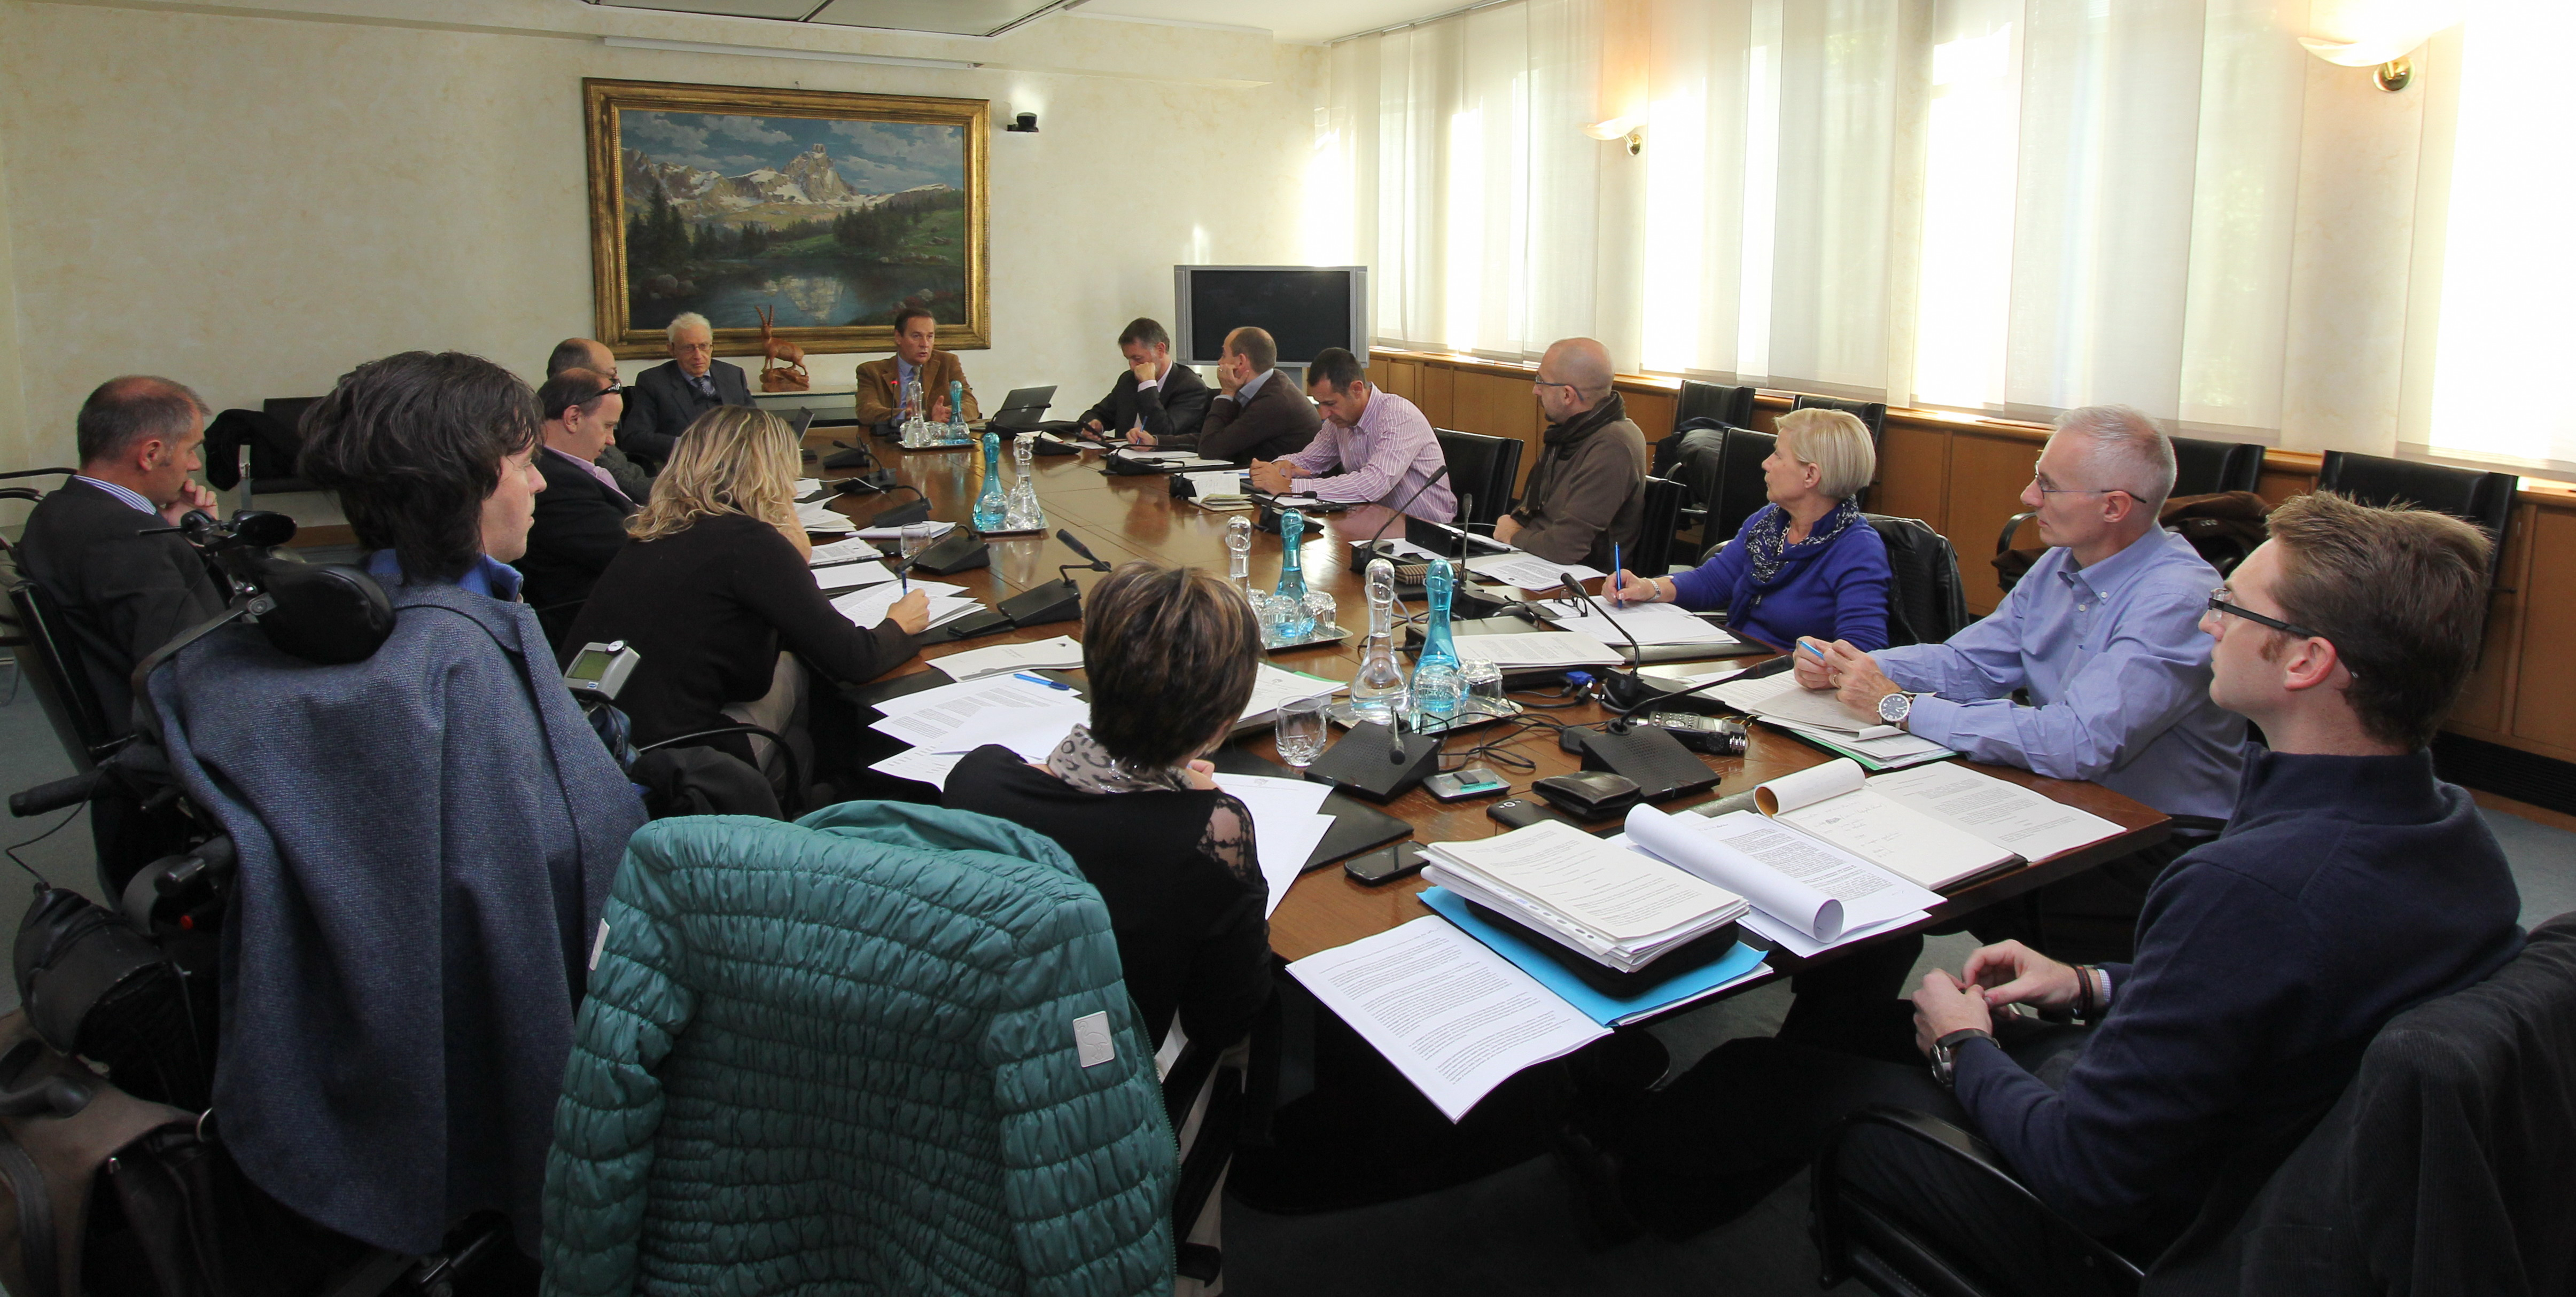 Ultime Notizie: RIFORME: Verso abolizione Commissione regionale di Coordinamento